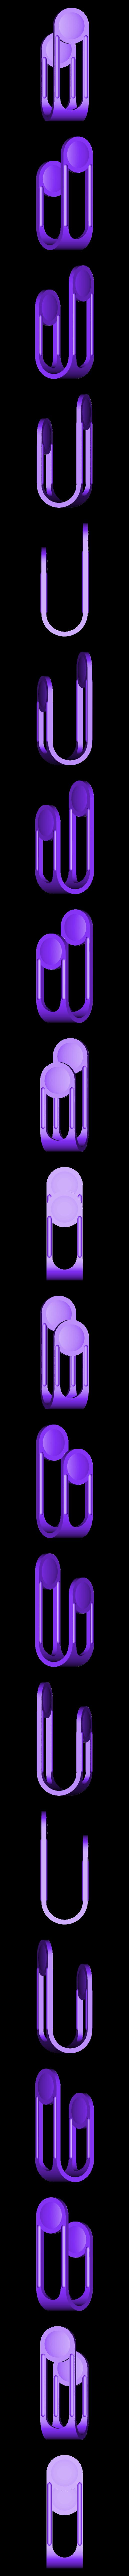 Tischdeckenklammer_V3-28mm.stl Télécharger fichier SCAD gratuit pince à nappe paramétrique personnalisable V3 • Plan pour impression 3D, pgraaff